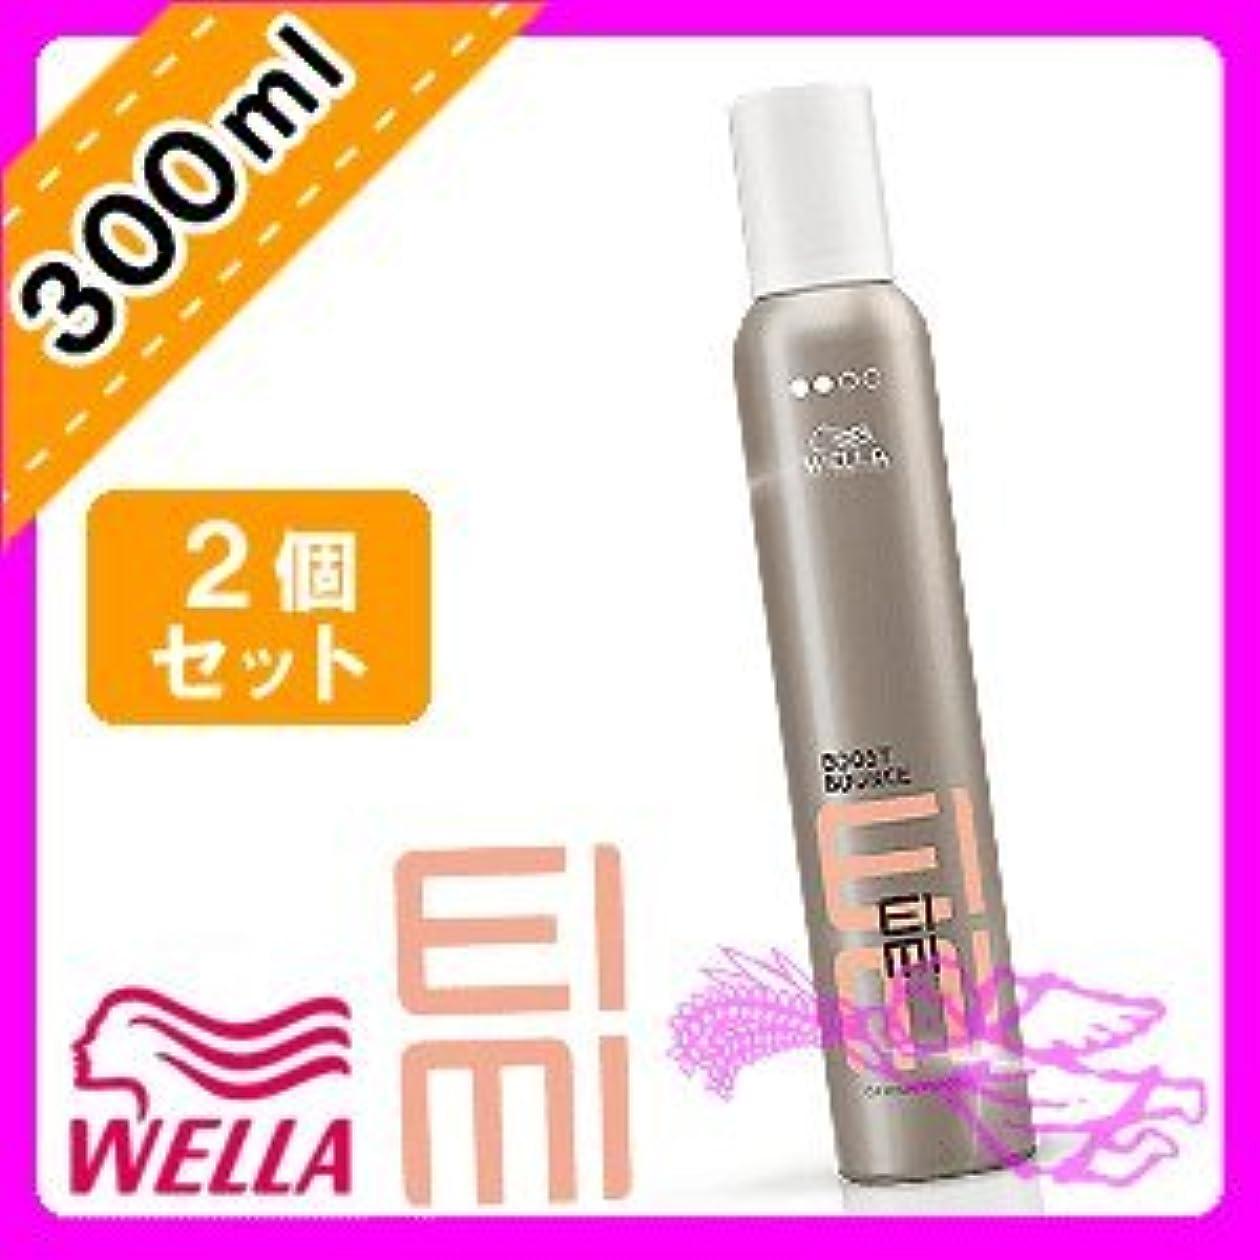 日可愛いルームウエラ EIMI(アイミィ) ブーストバウンスムース 300ml ×2個 セット WELLA P&G